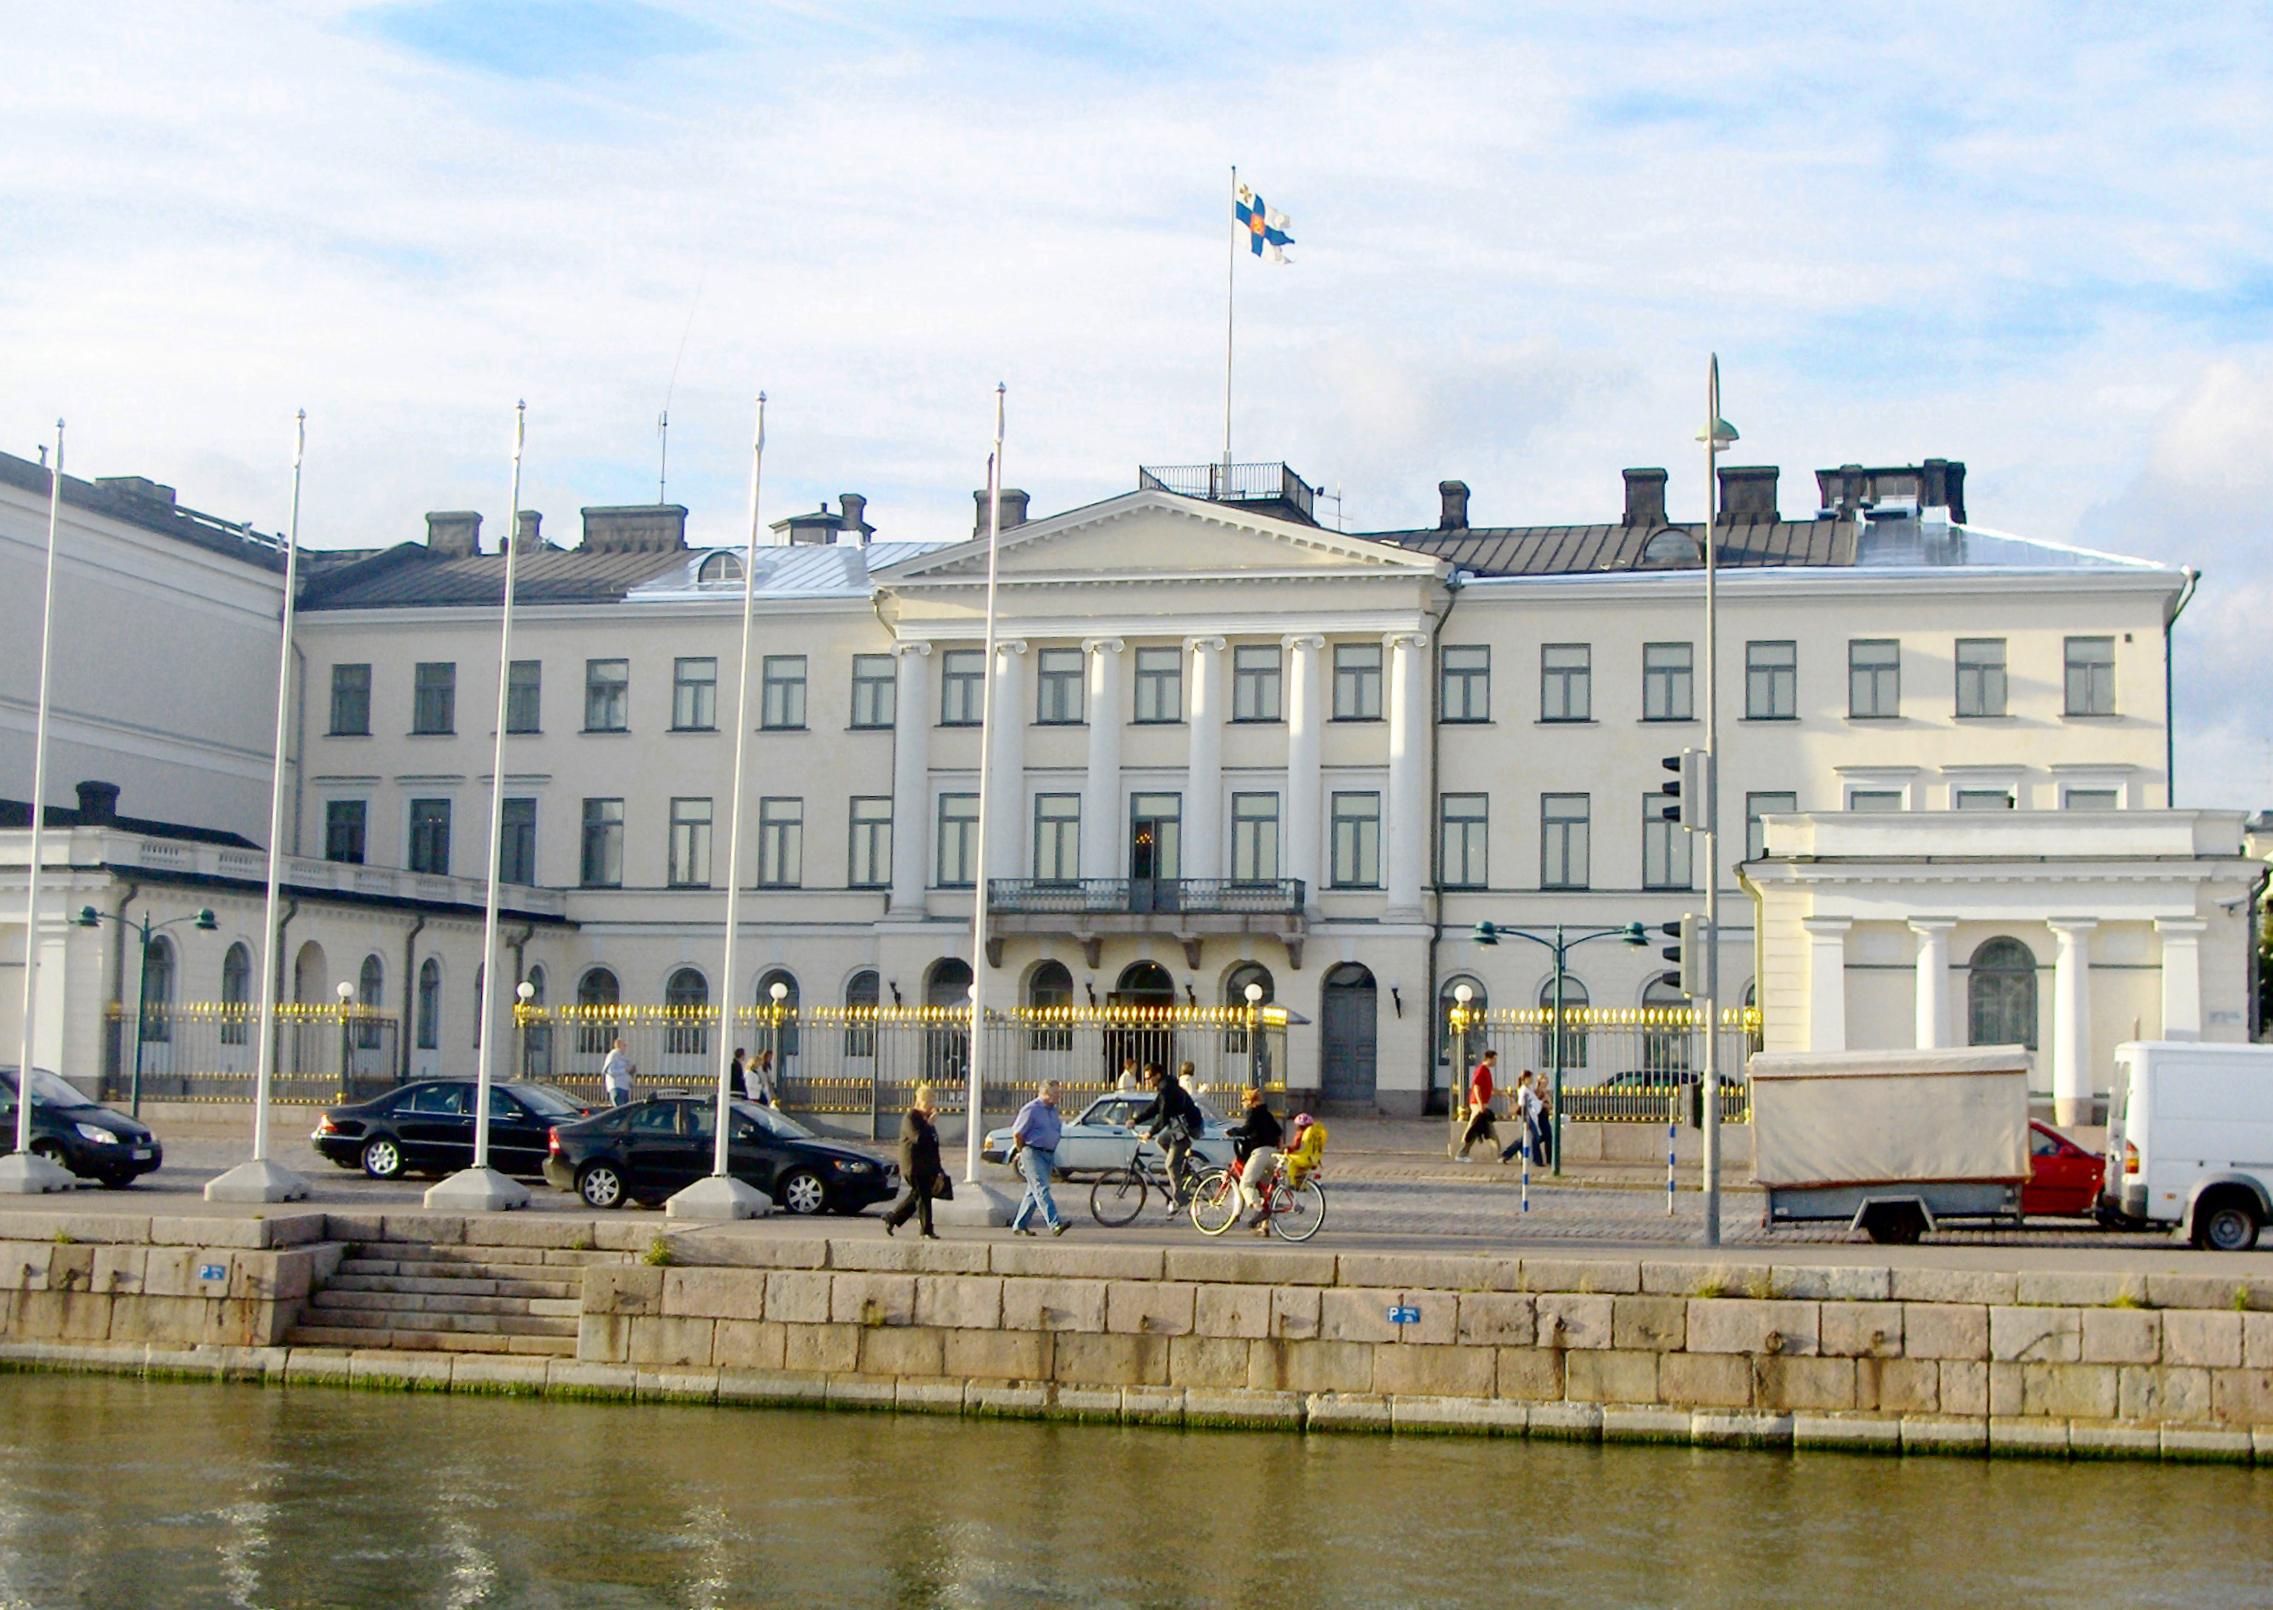 Le Monde Hotel Deals